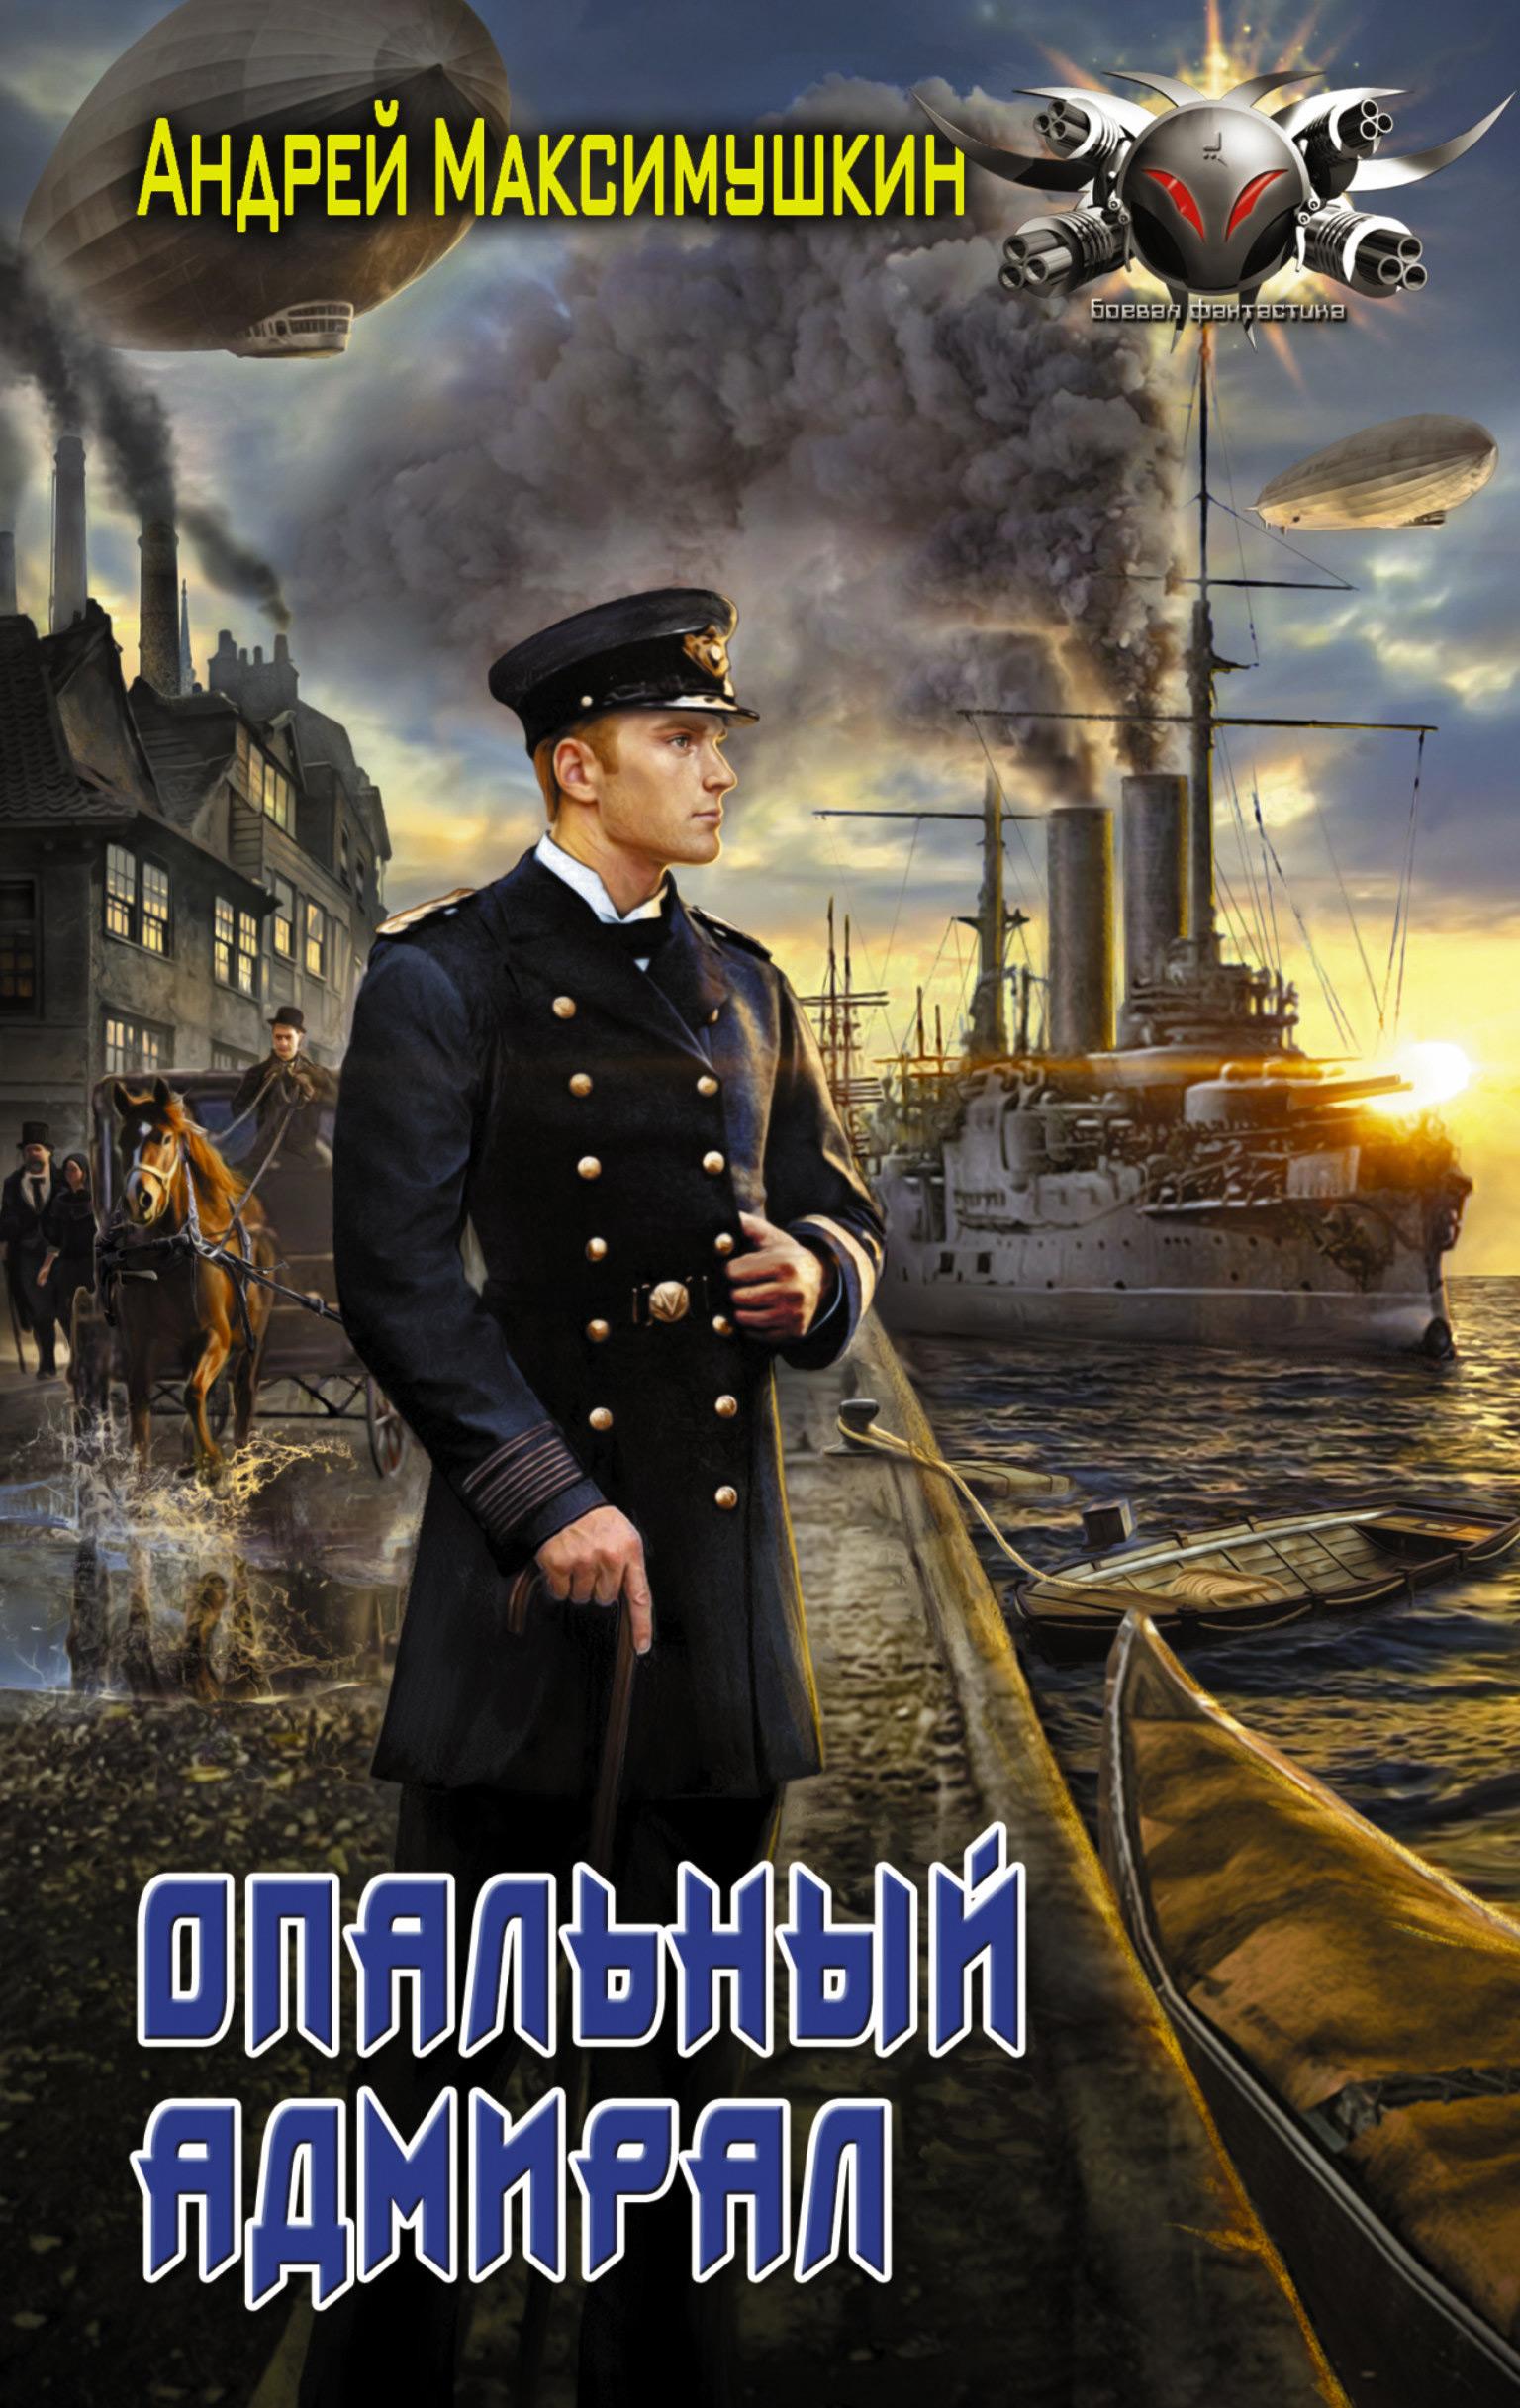 opalnyy admiral